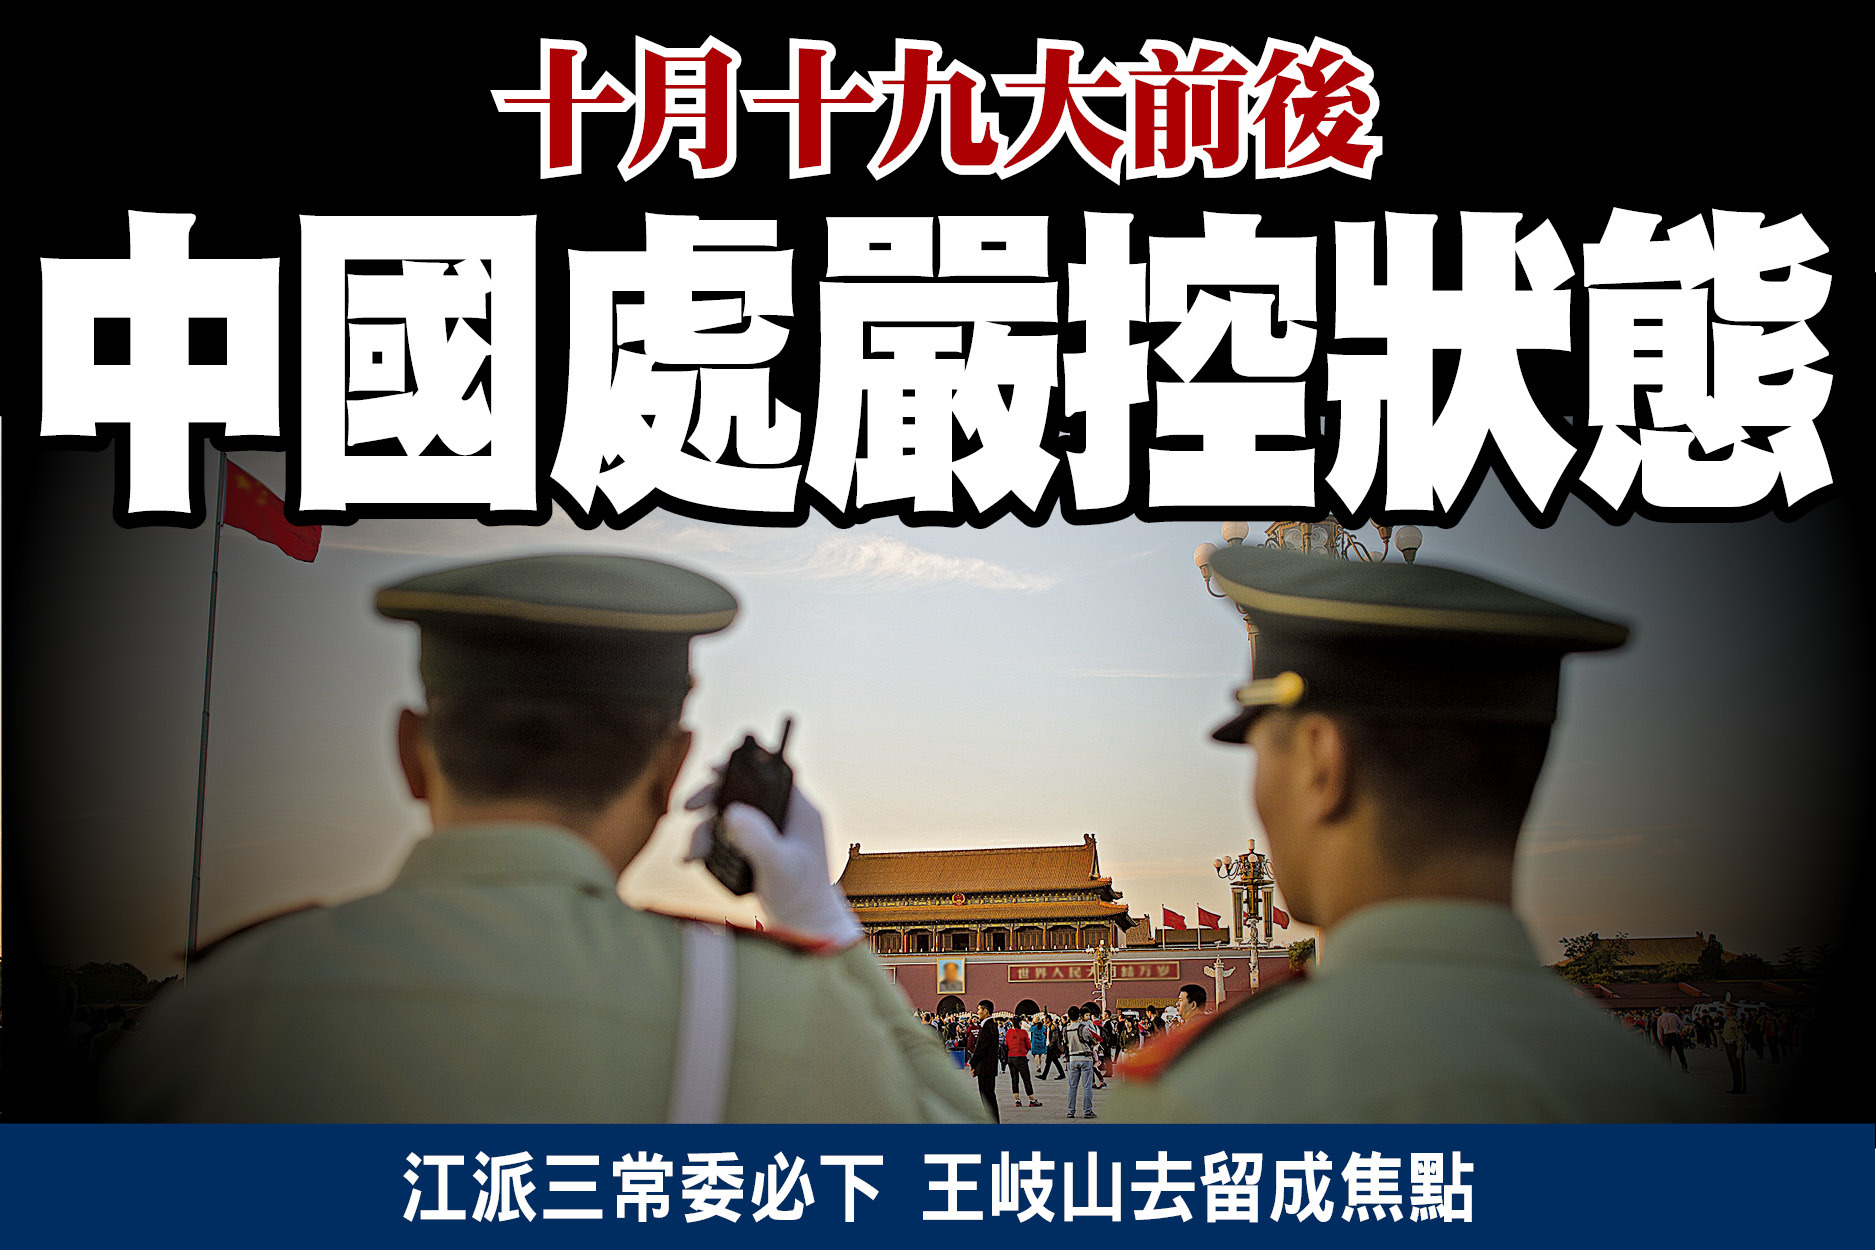 十月十九大前後  中國處嚴控狀態